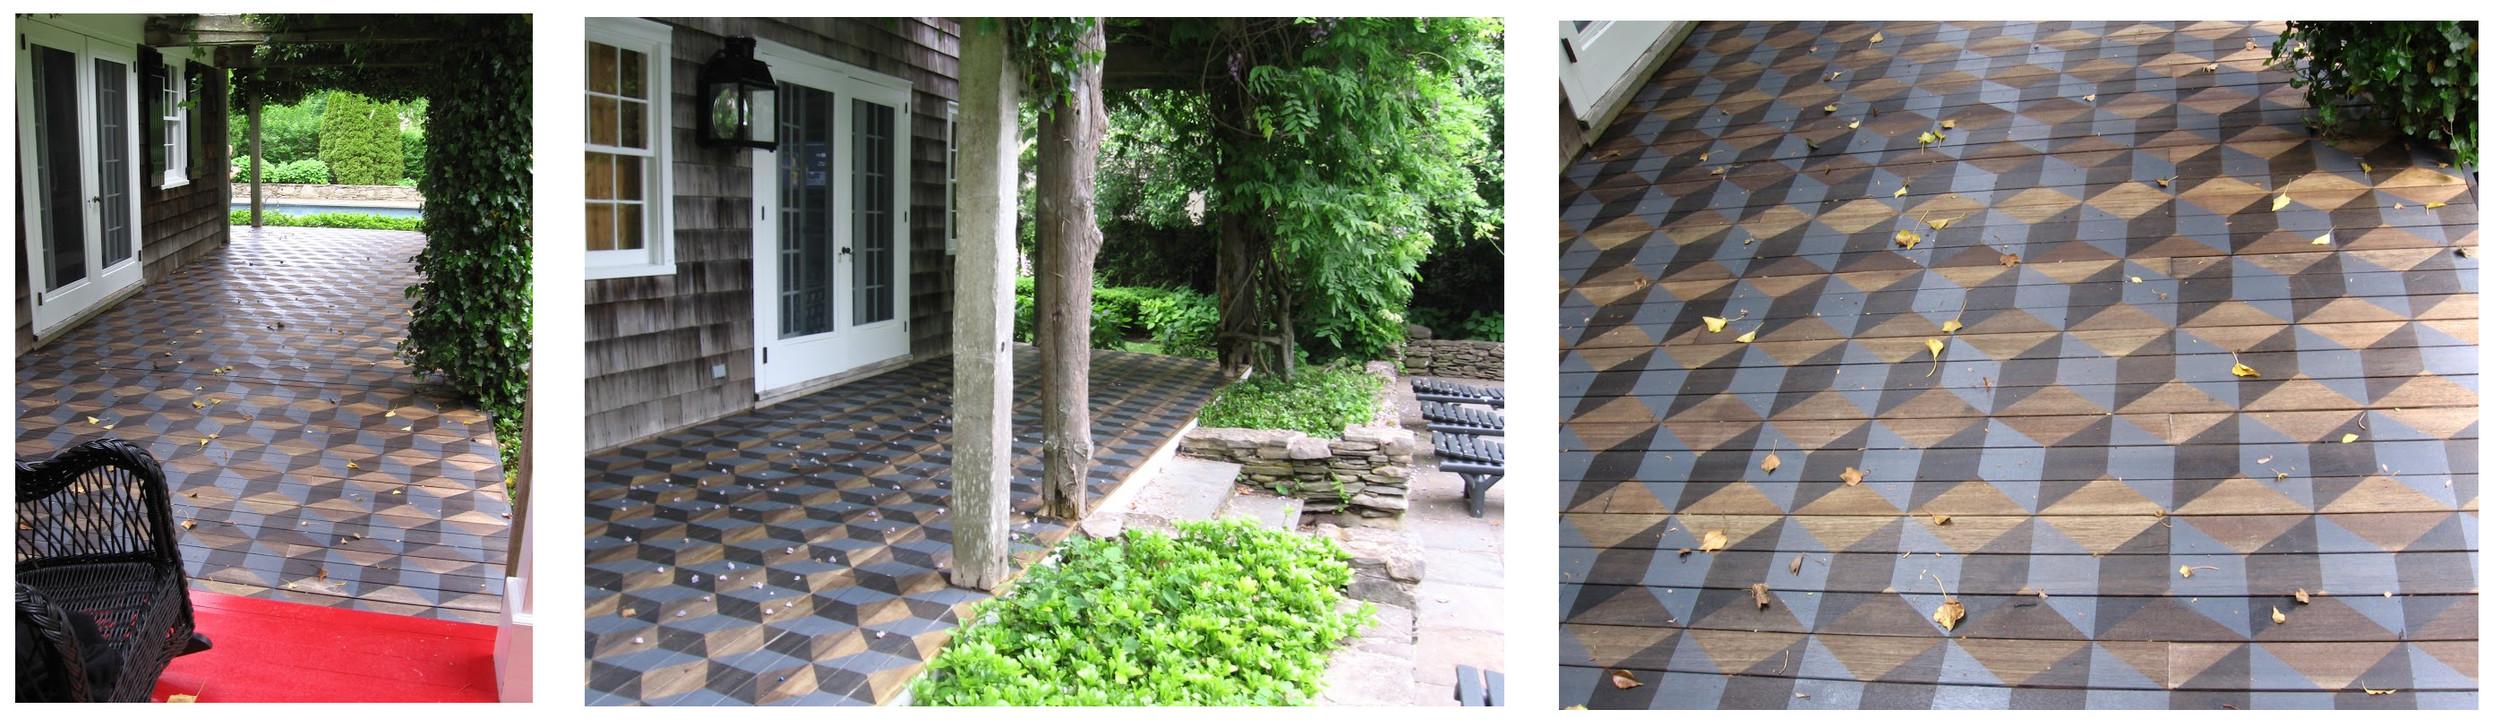 geometric floor.jpg